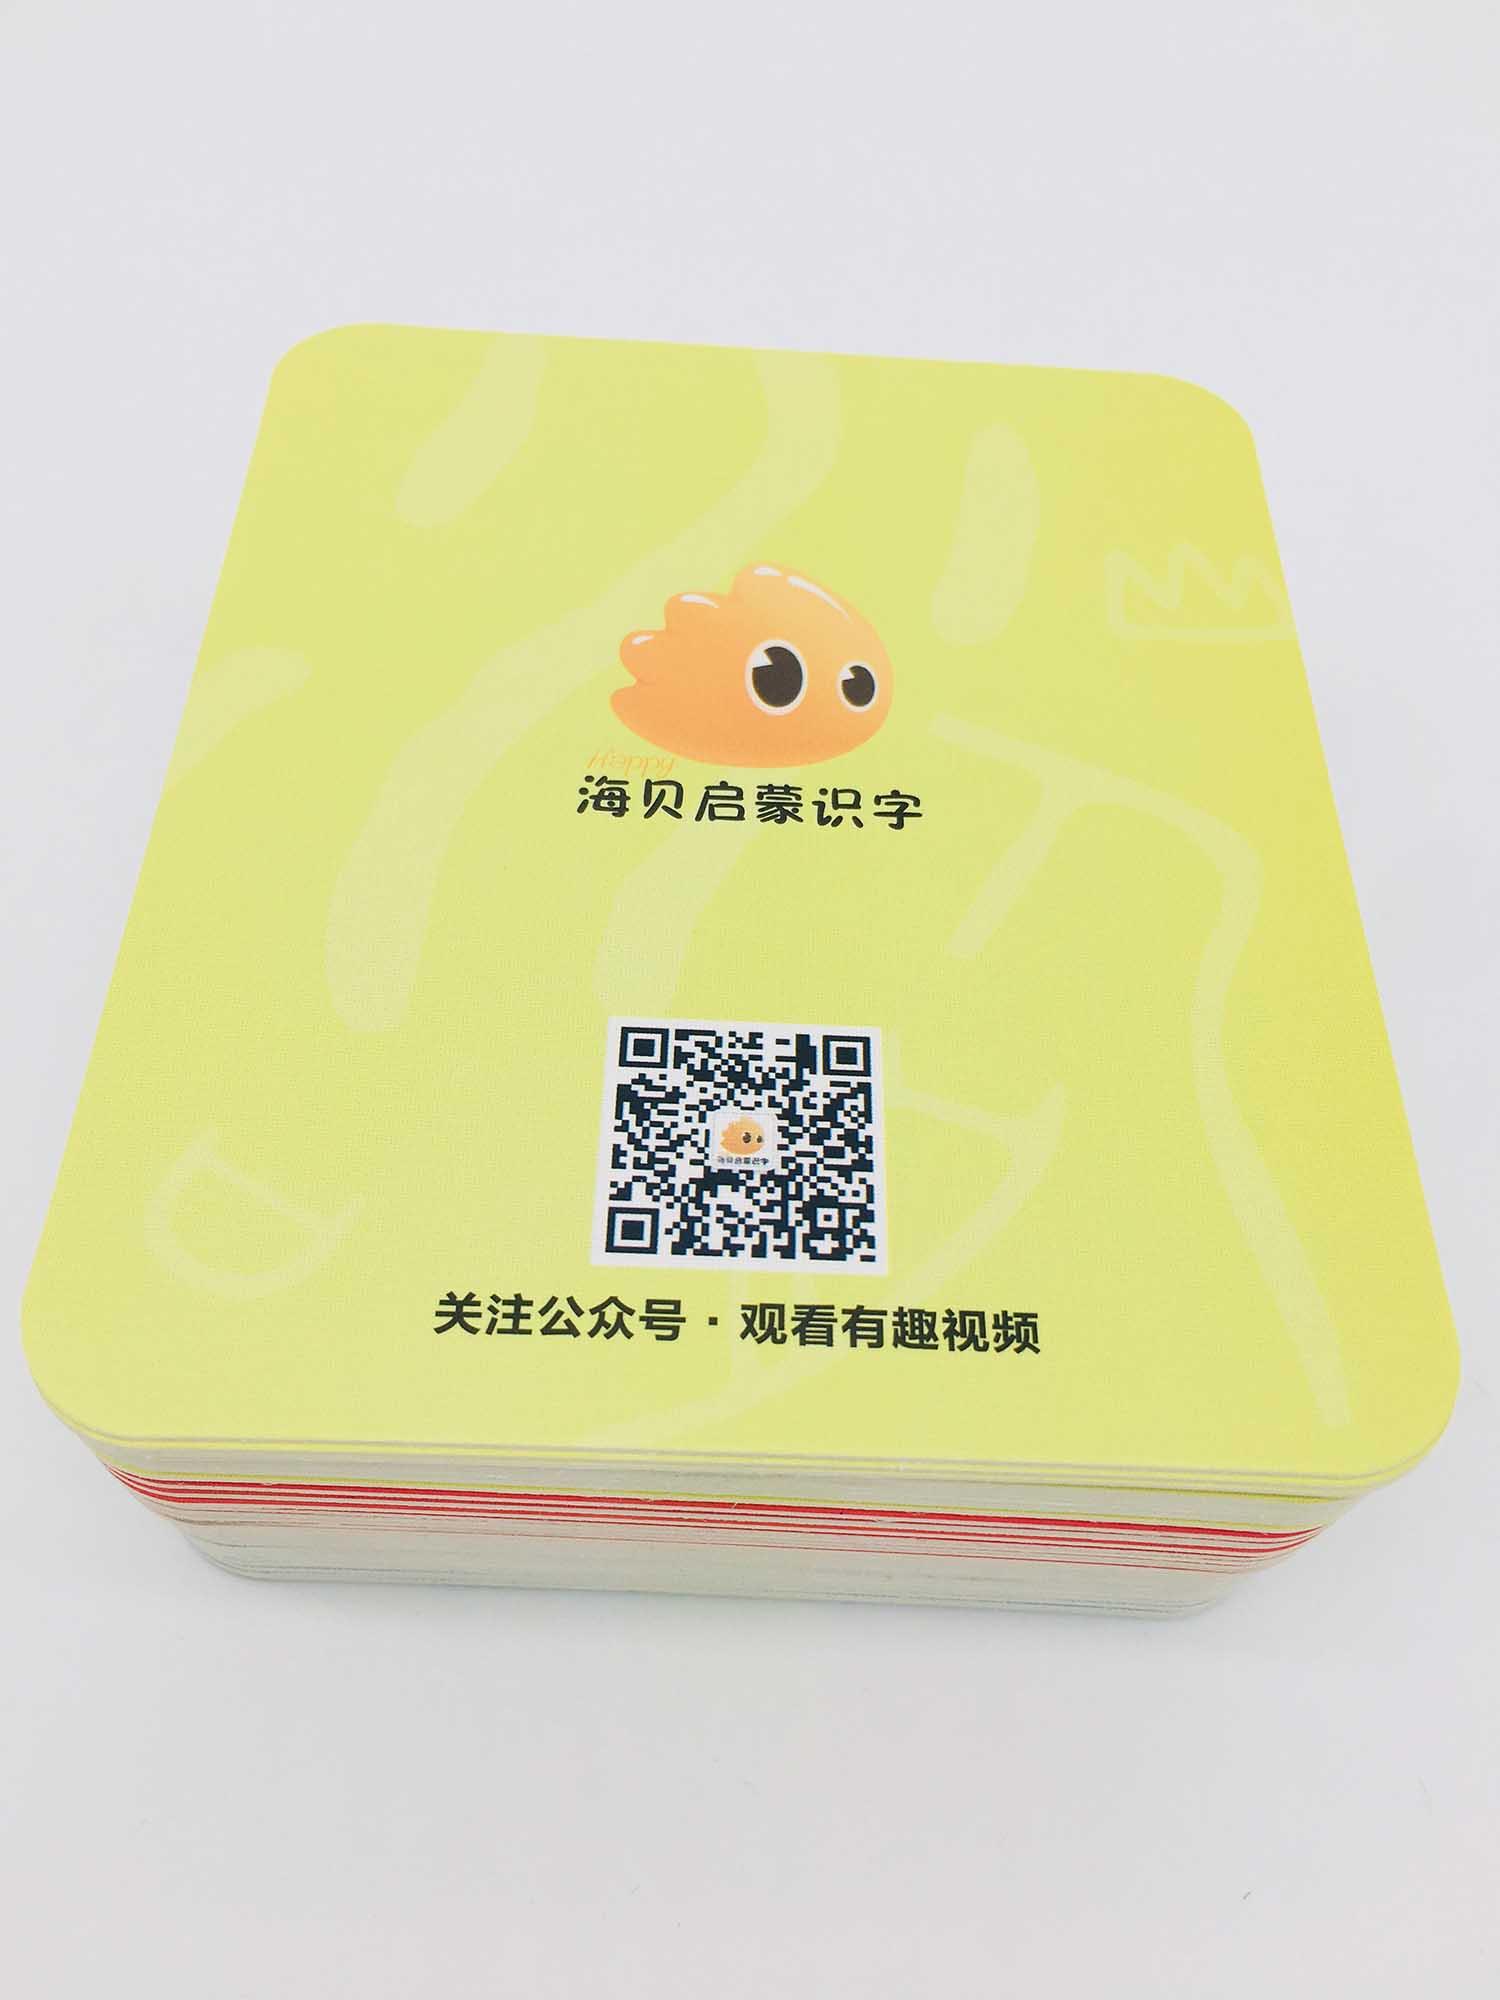 黄石港印刷厂画册样本宣传册定制